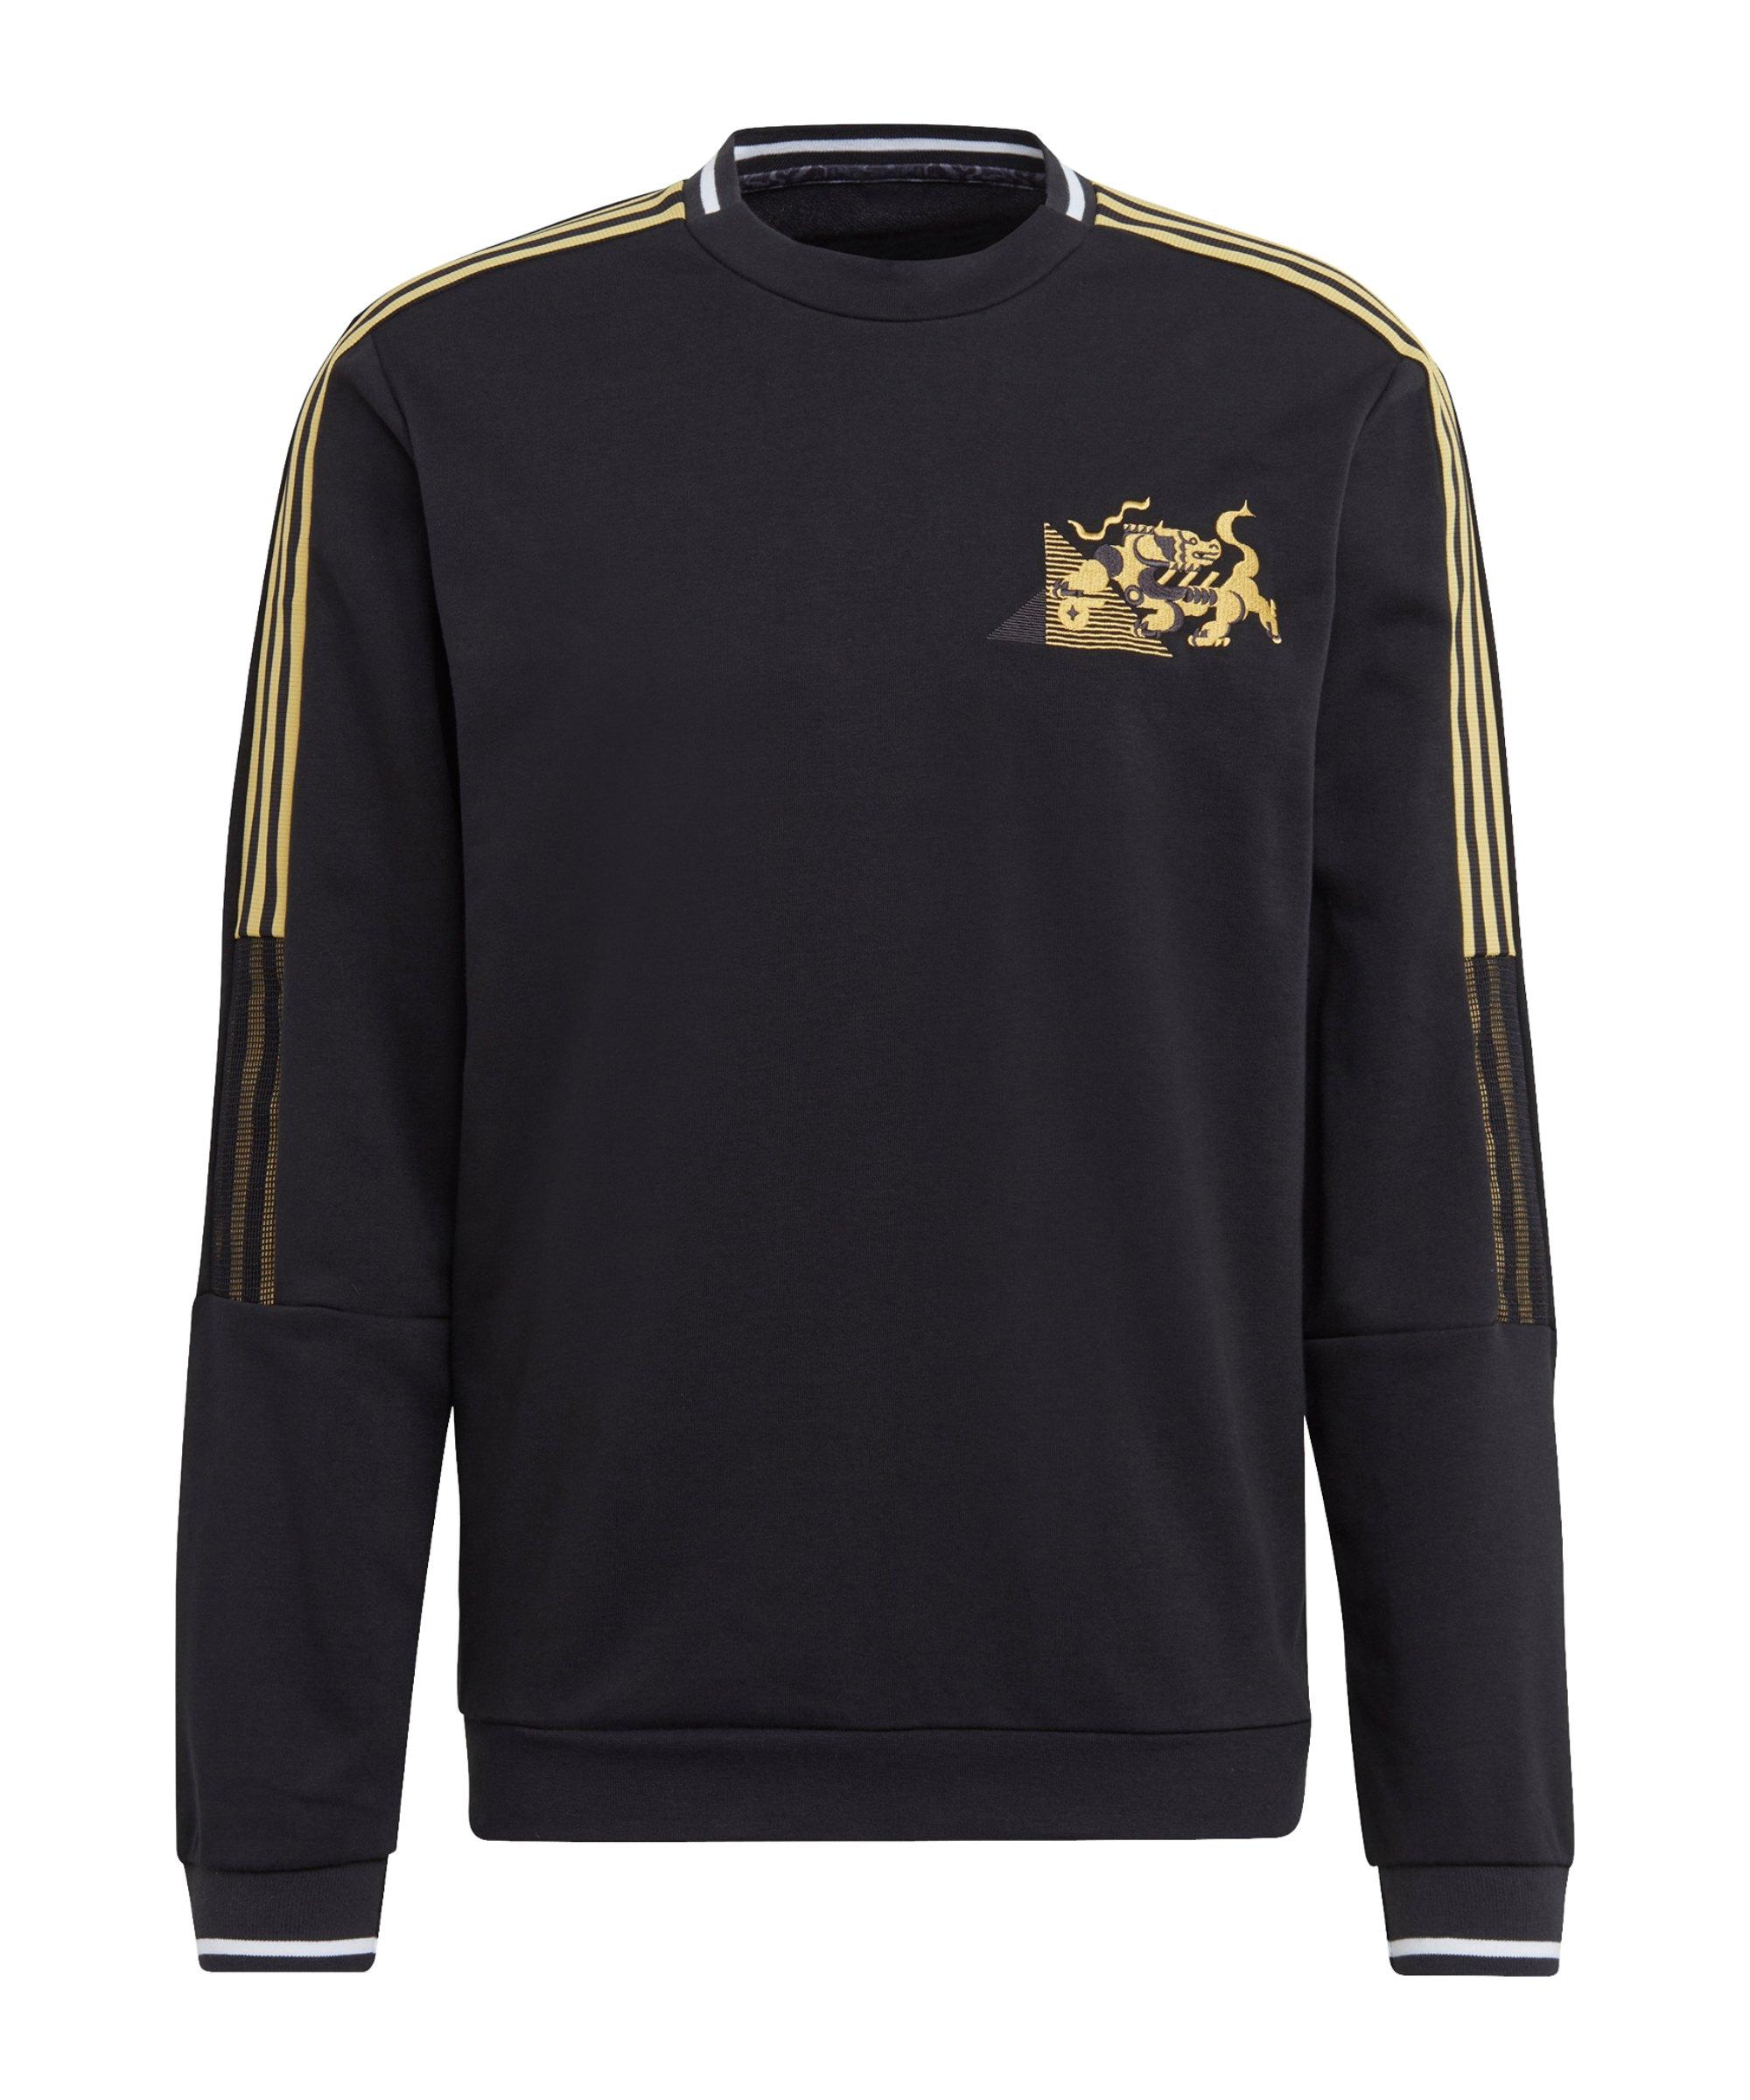 adidas Juventus Turin CNY Sweatshirt Schwarz - schwarz